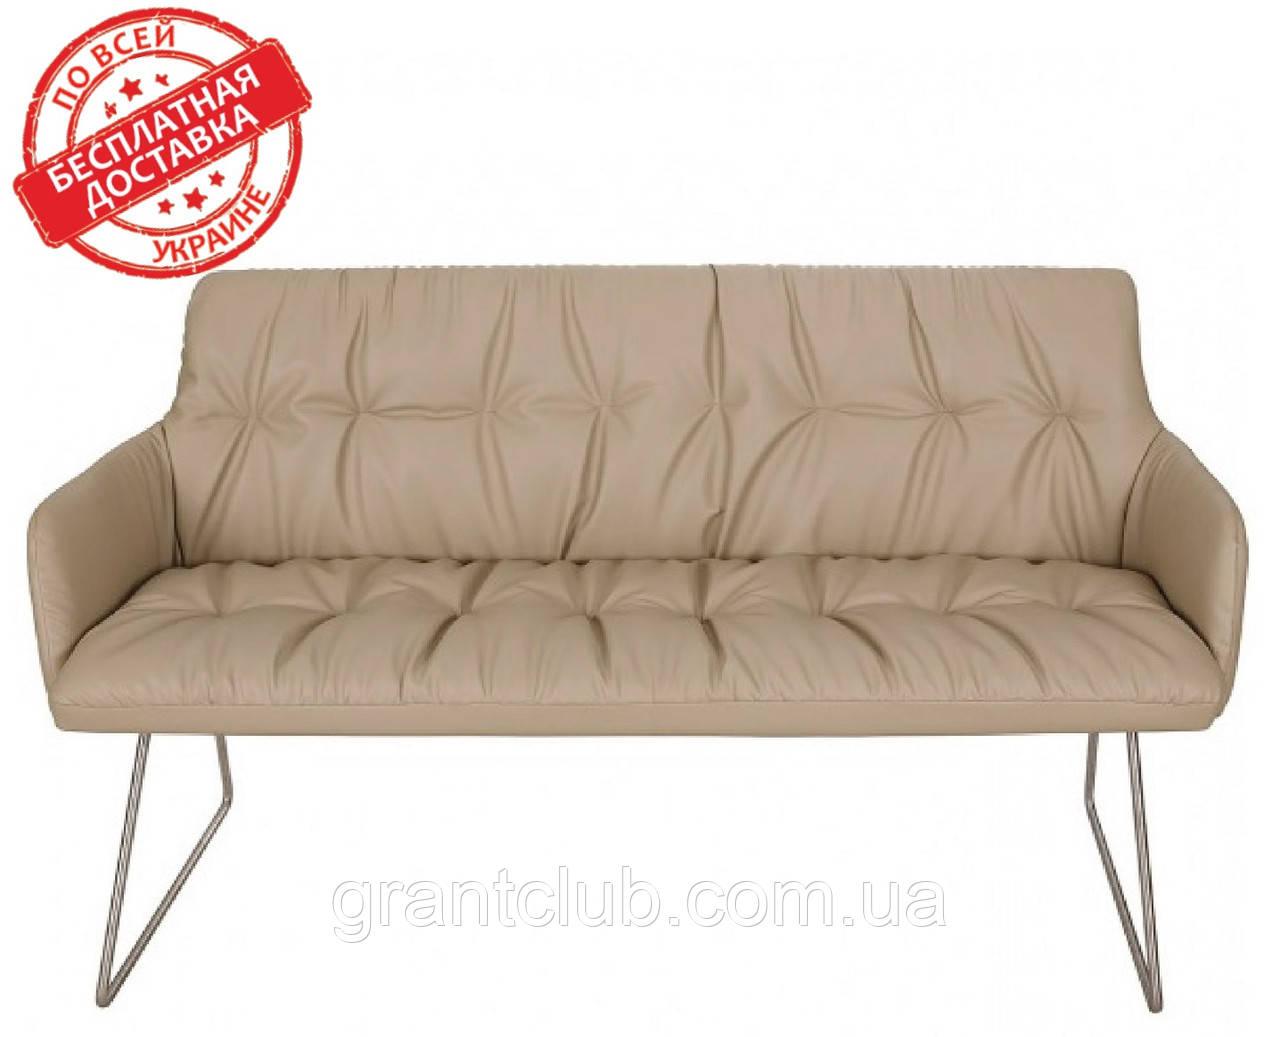 Кресло - банкетка LEON бежевый кожзам 155 см Nicolas (бесплатная адресная доставка)